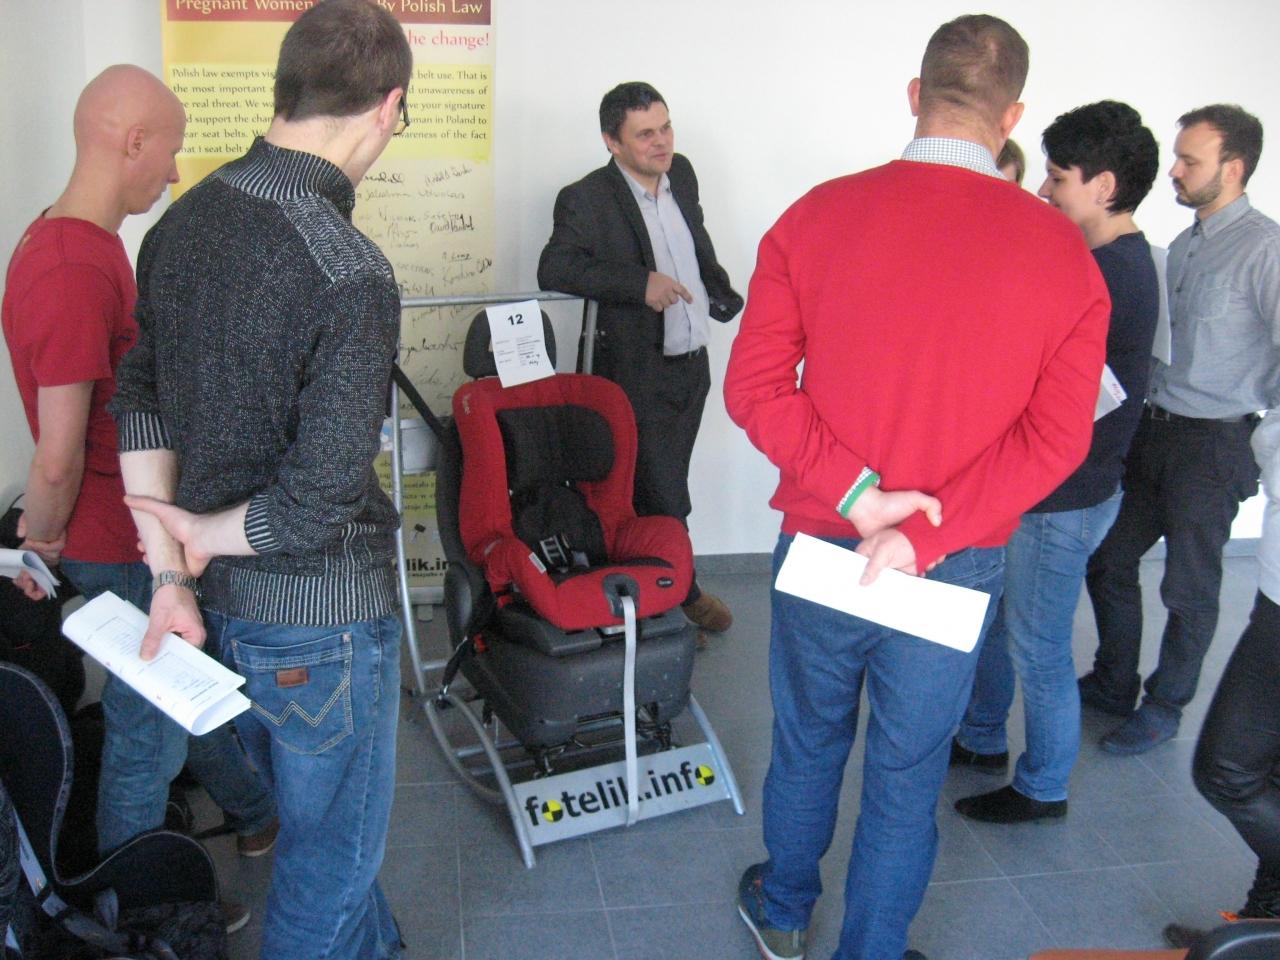 Uczestnicy słuchają i przyglądają się jakie błędy zostały popełnione przy montowaniu tego fotelika